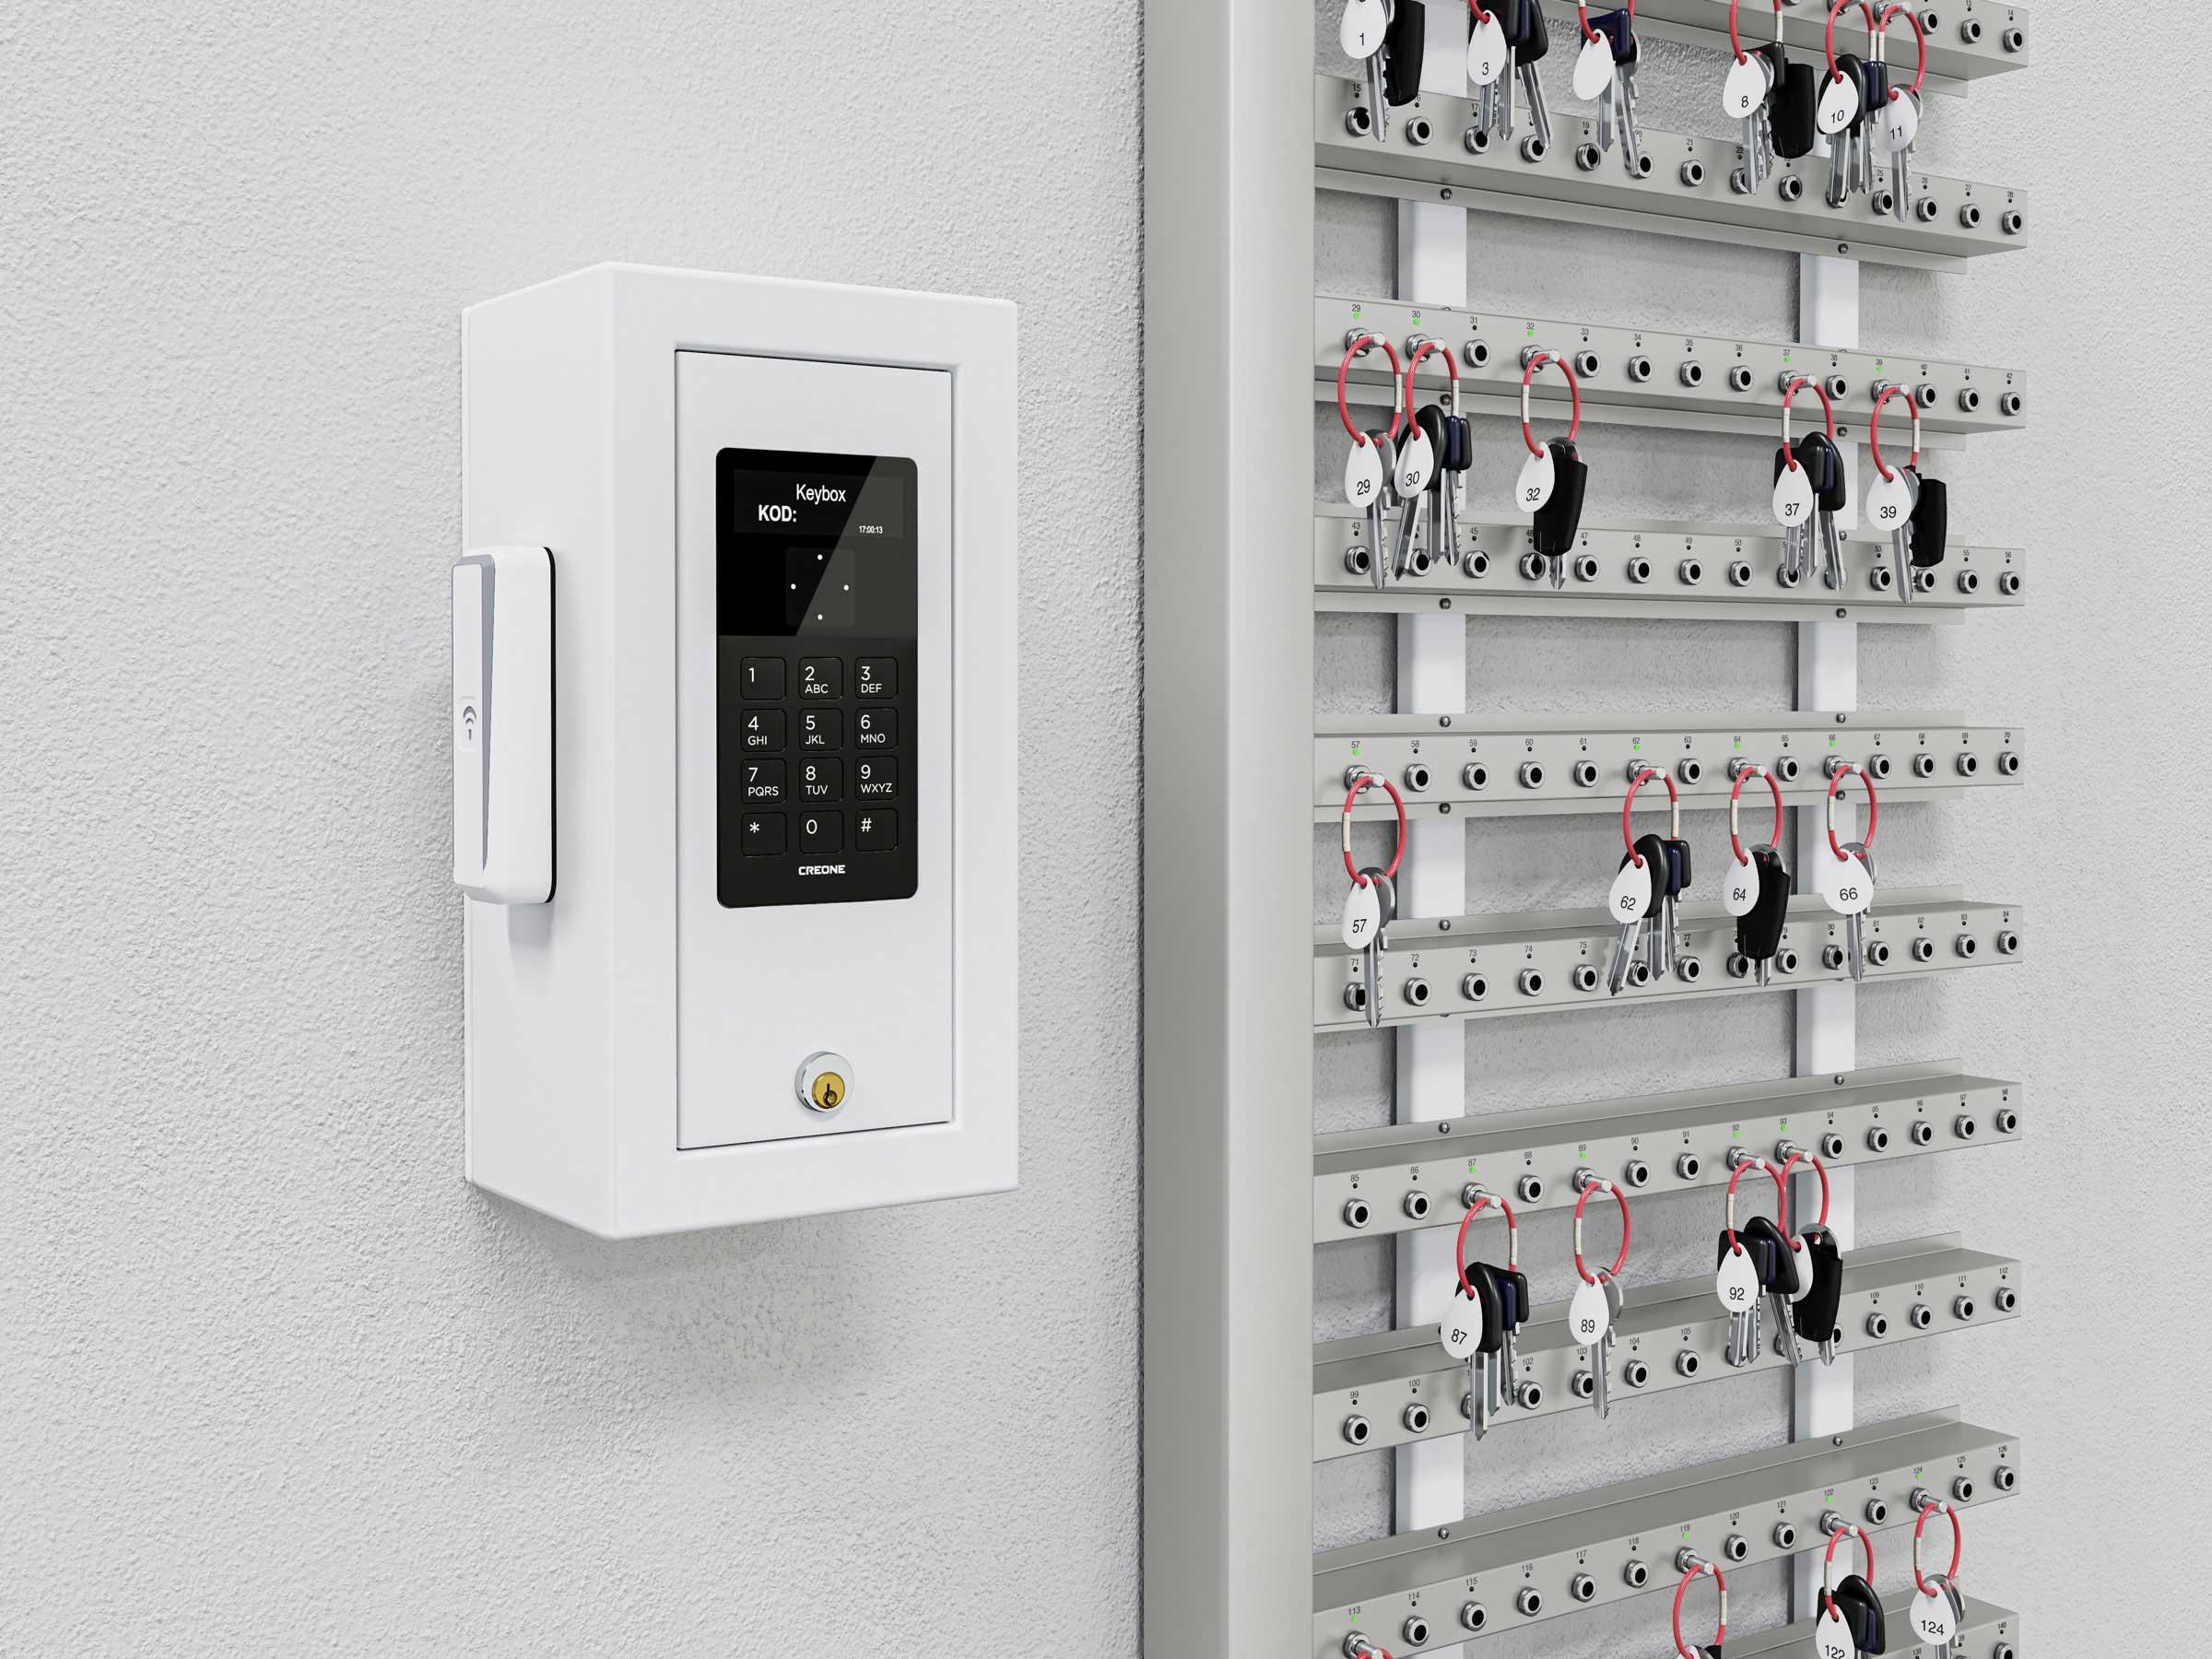 Intelligenta nyckelister som är monterade på vägg som ett alternativ till nyckelskåp.